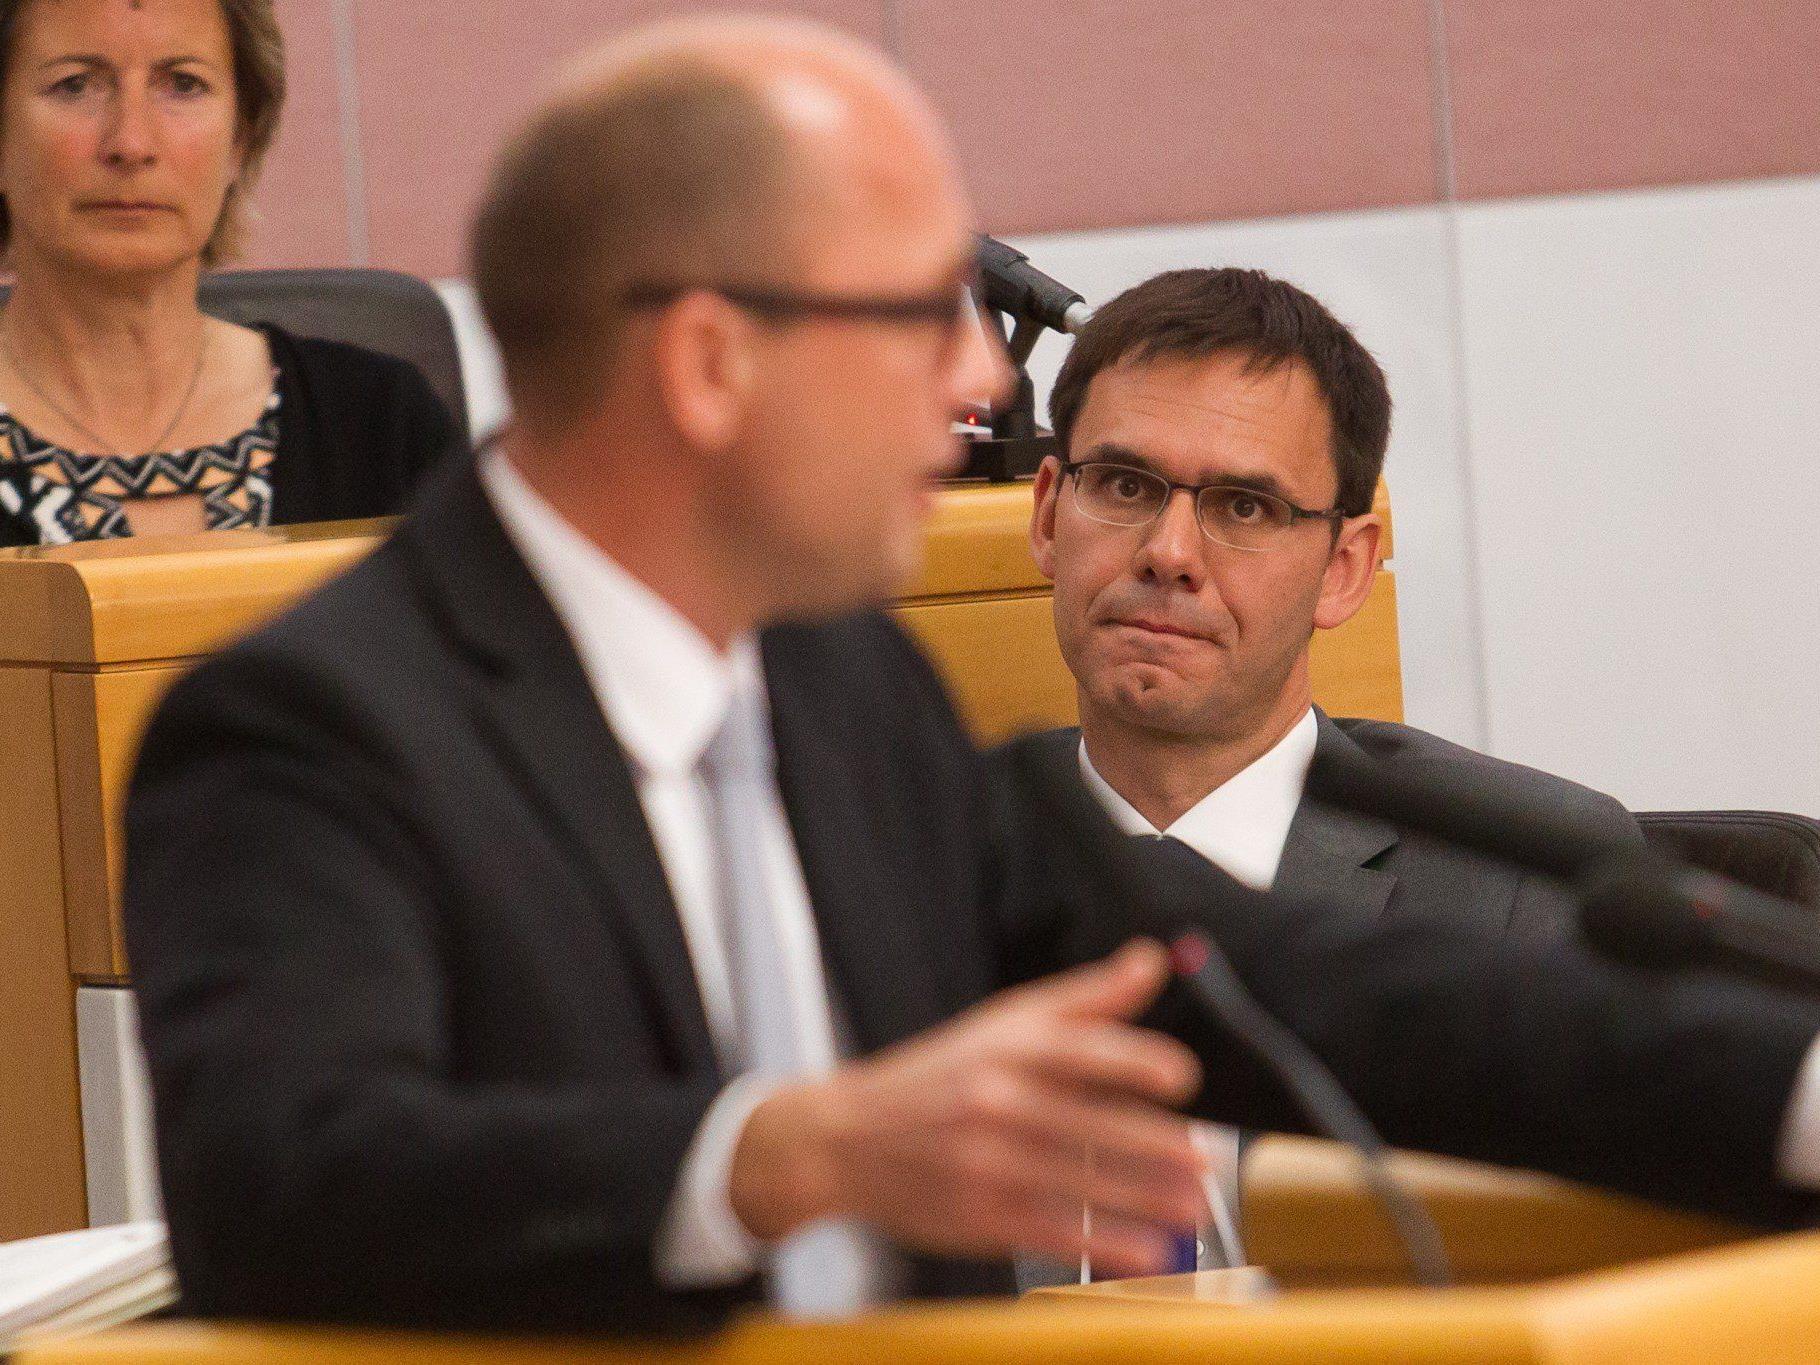 Opposition warf ÖVP Untätigkeit vor - Potenzieller Abgeordneten-Nachwuchs auf den Zuschauerbänken.